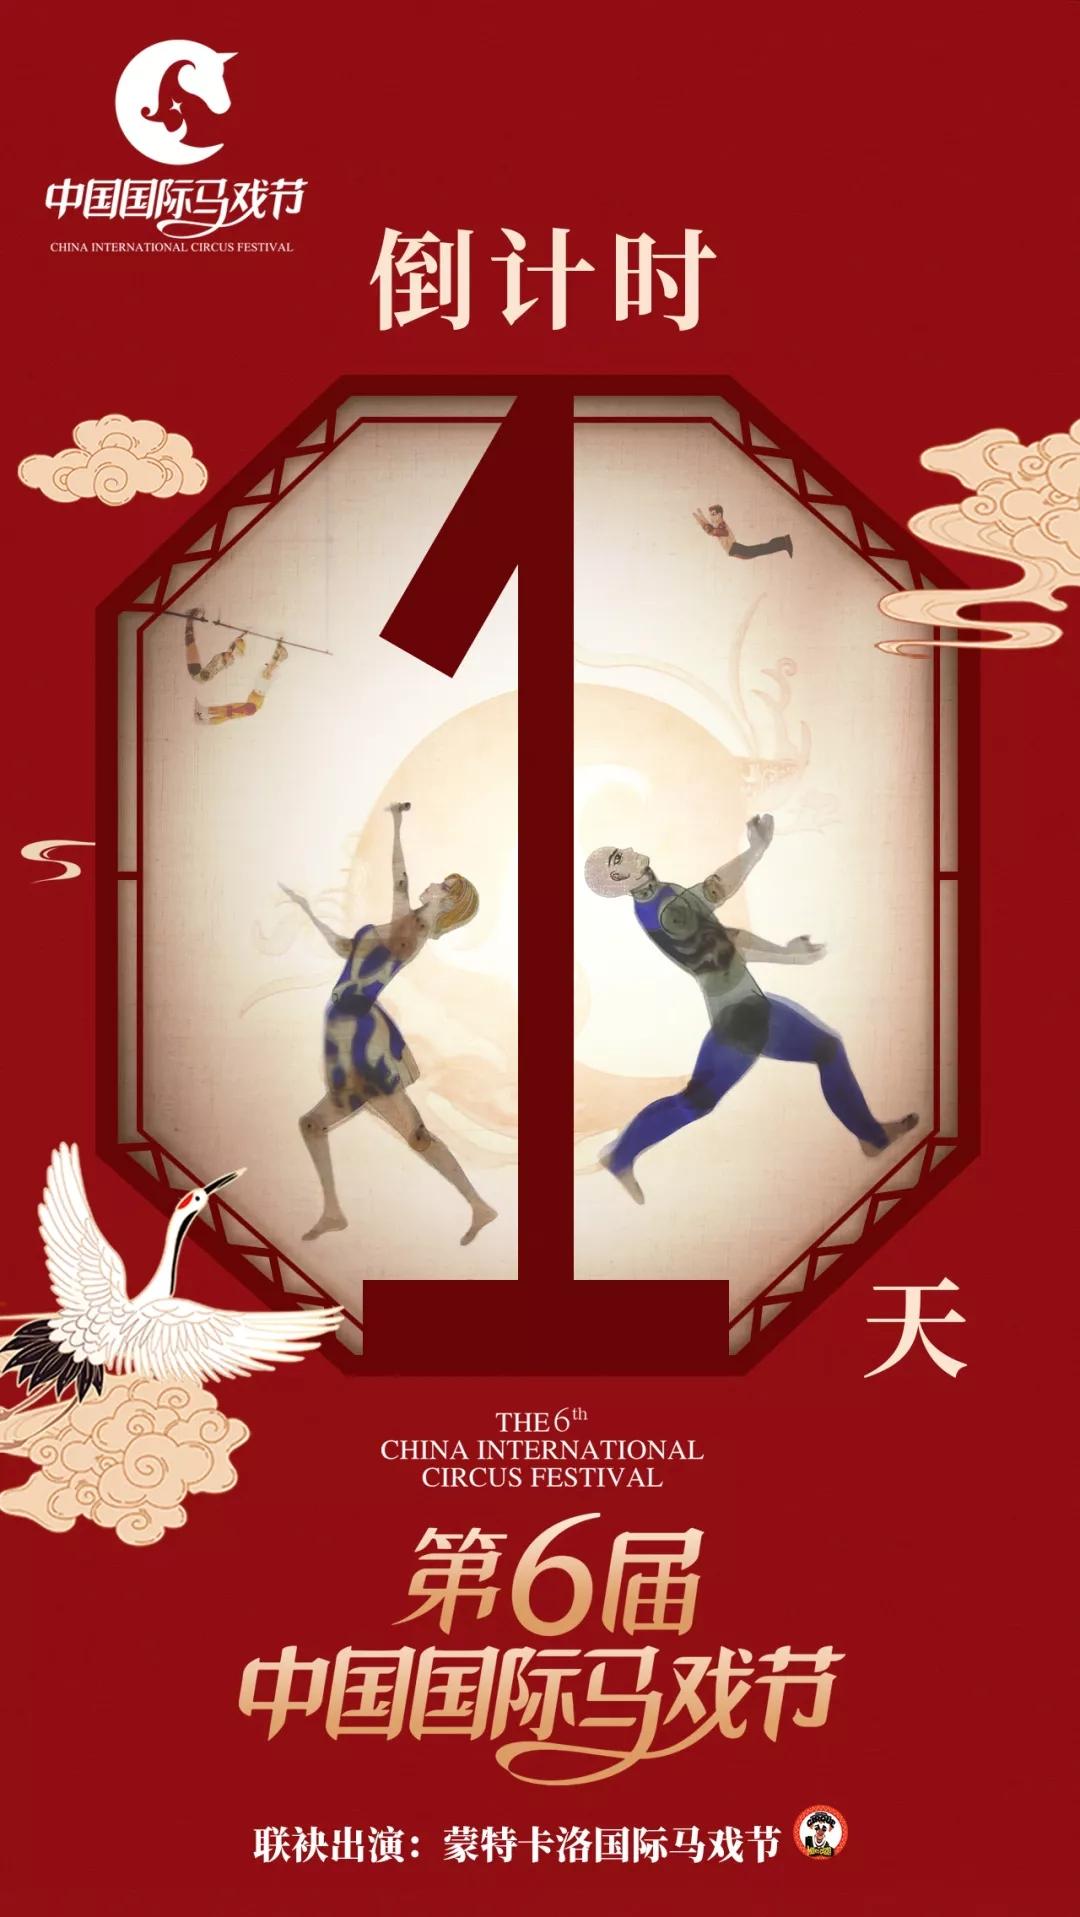 倒计时1天!第六届中国国际马戏节即将如期而至